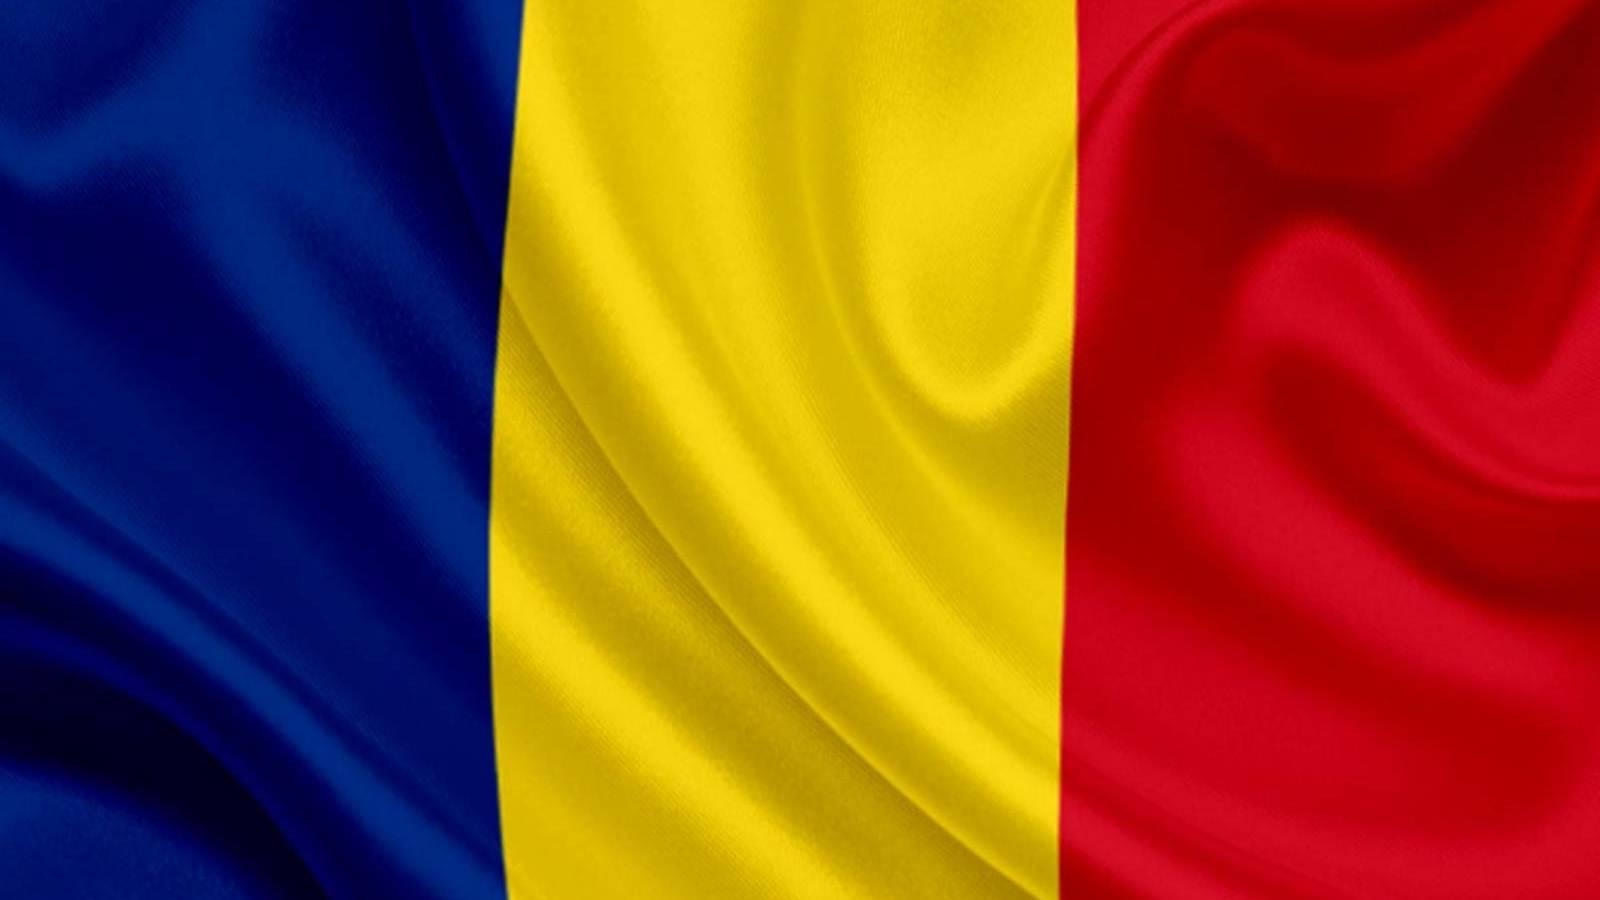 Romania Mesajul Dramatic Medicilor Toti Romanii